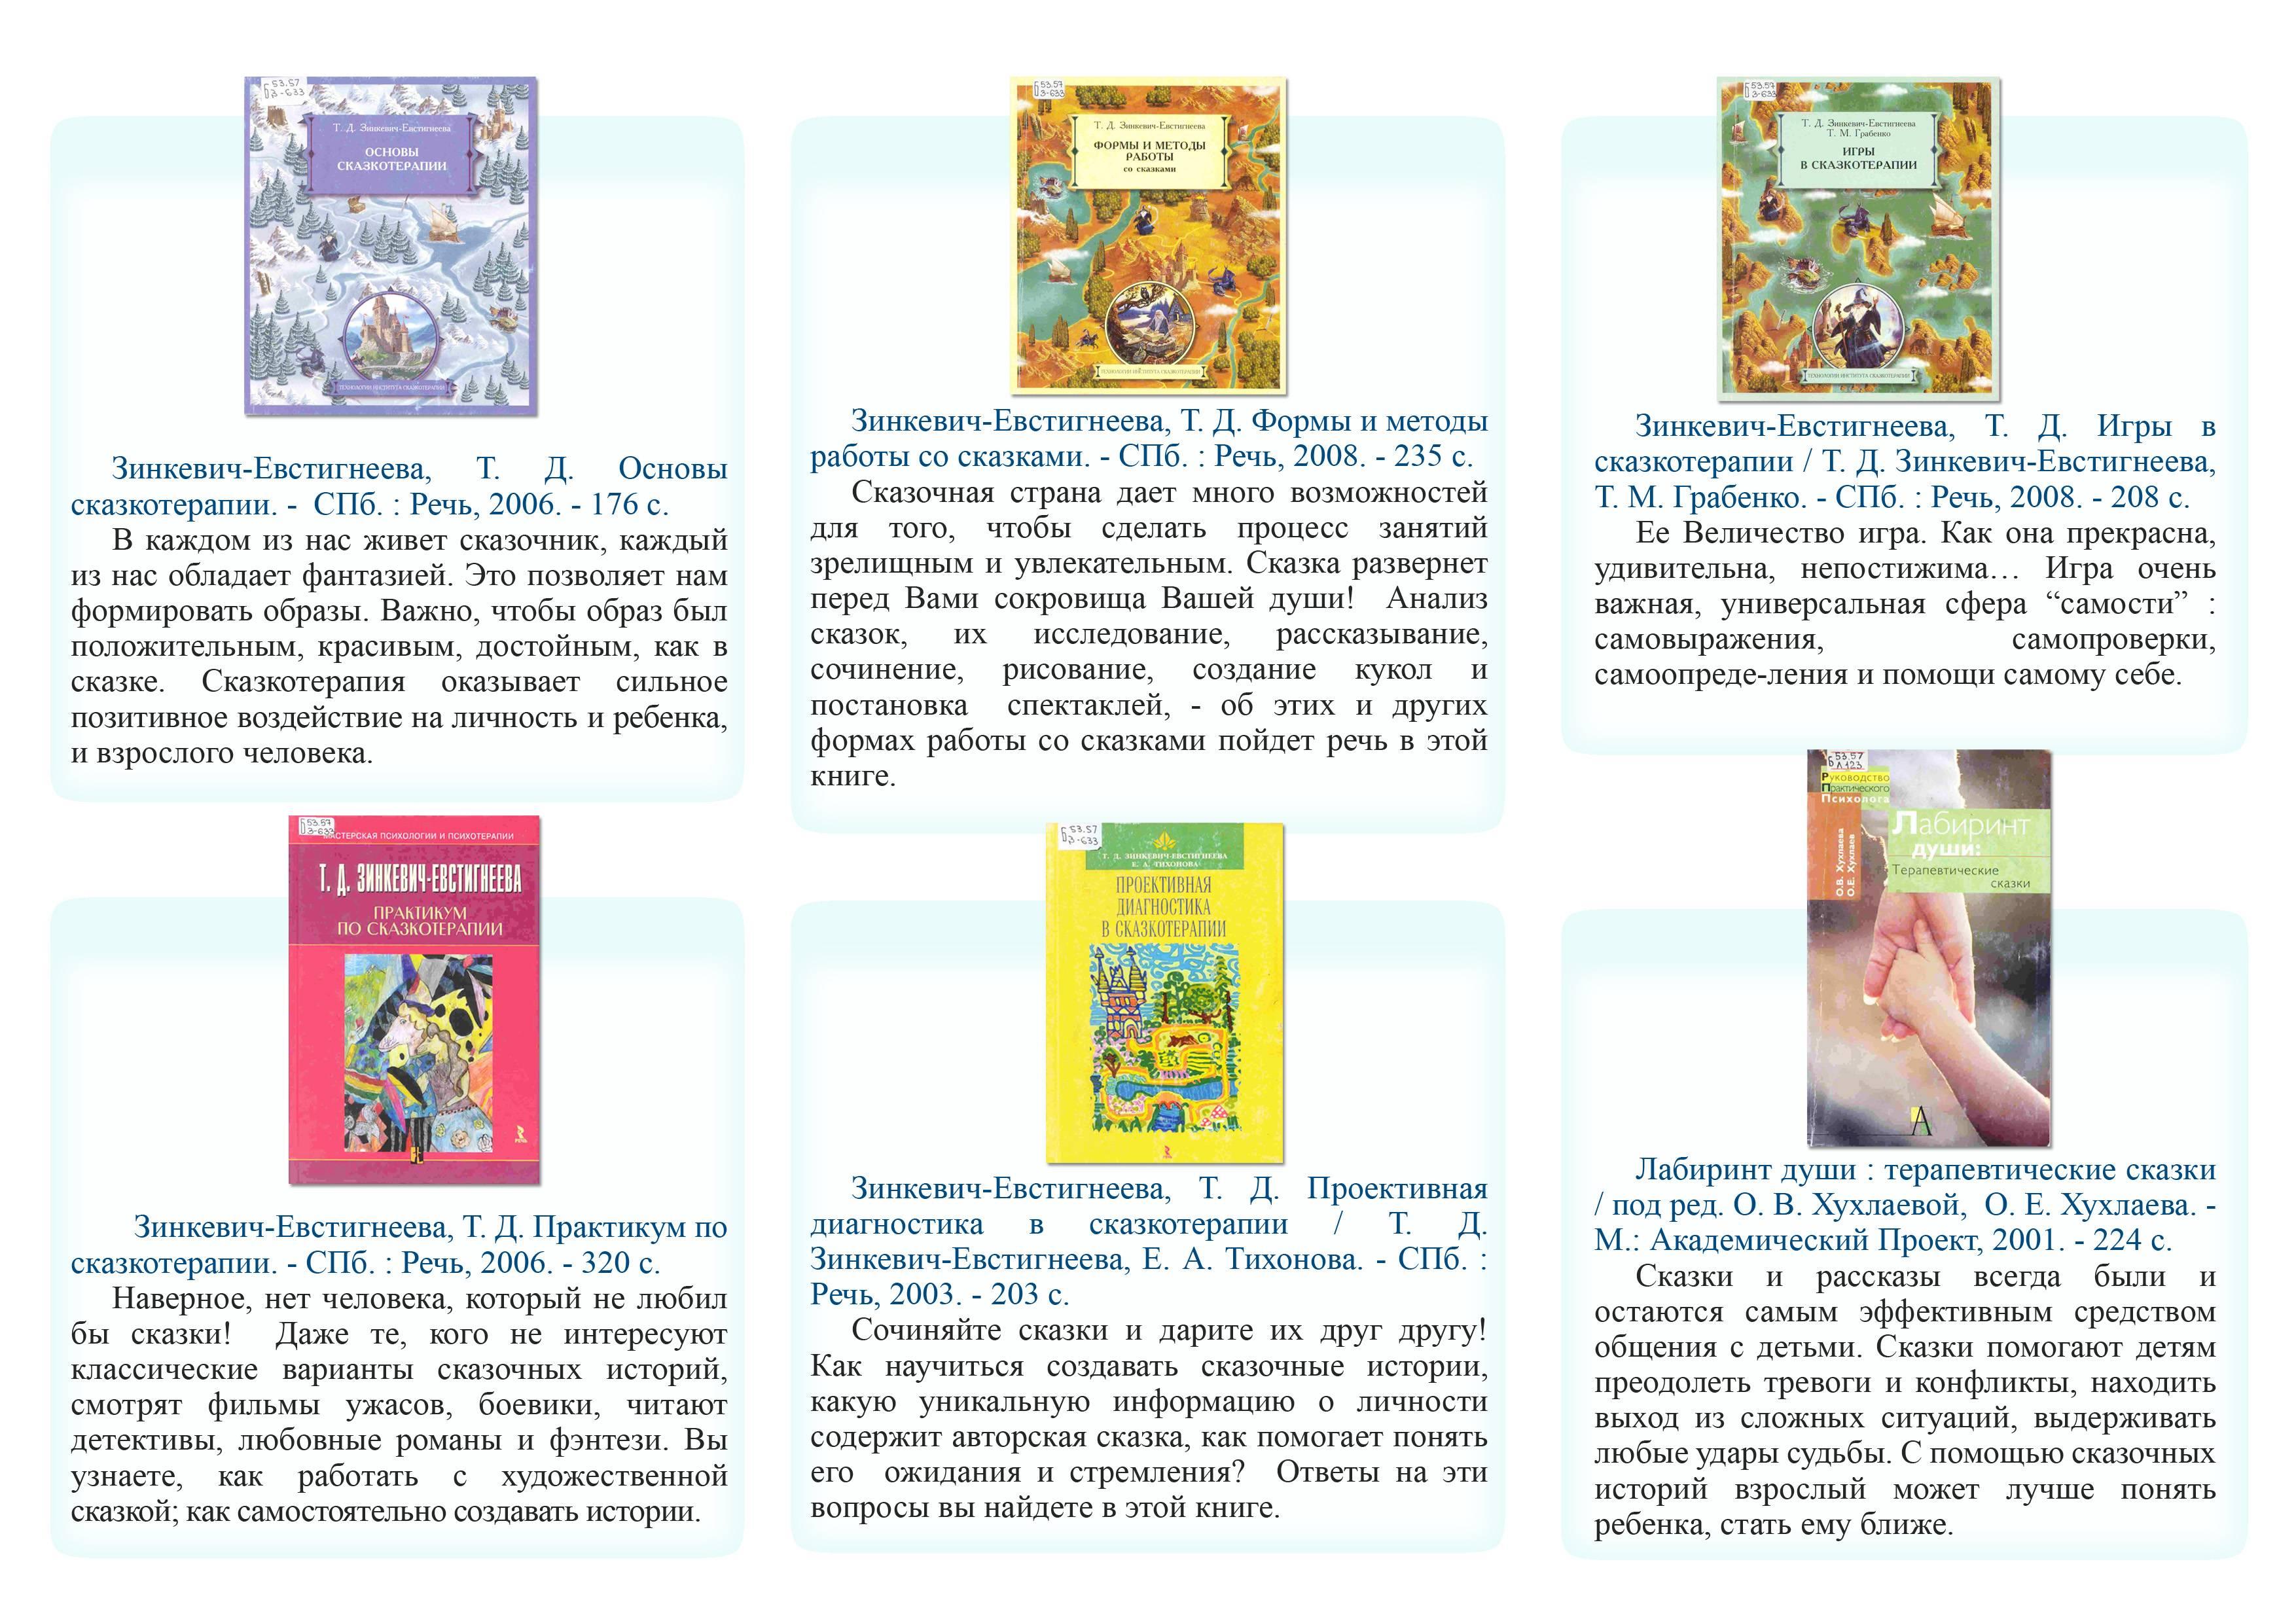 Психология: сказкотерапия - бесплатные статьи по психологии в доме солнца